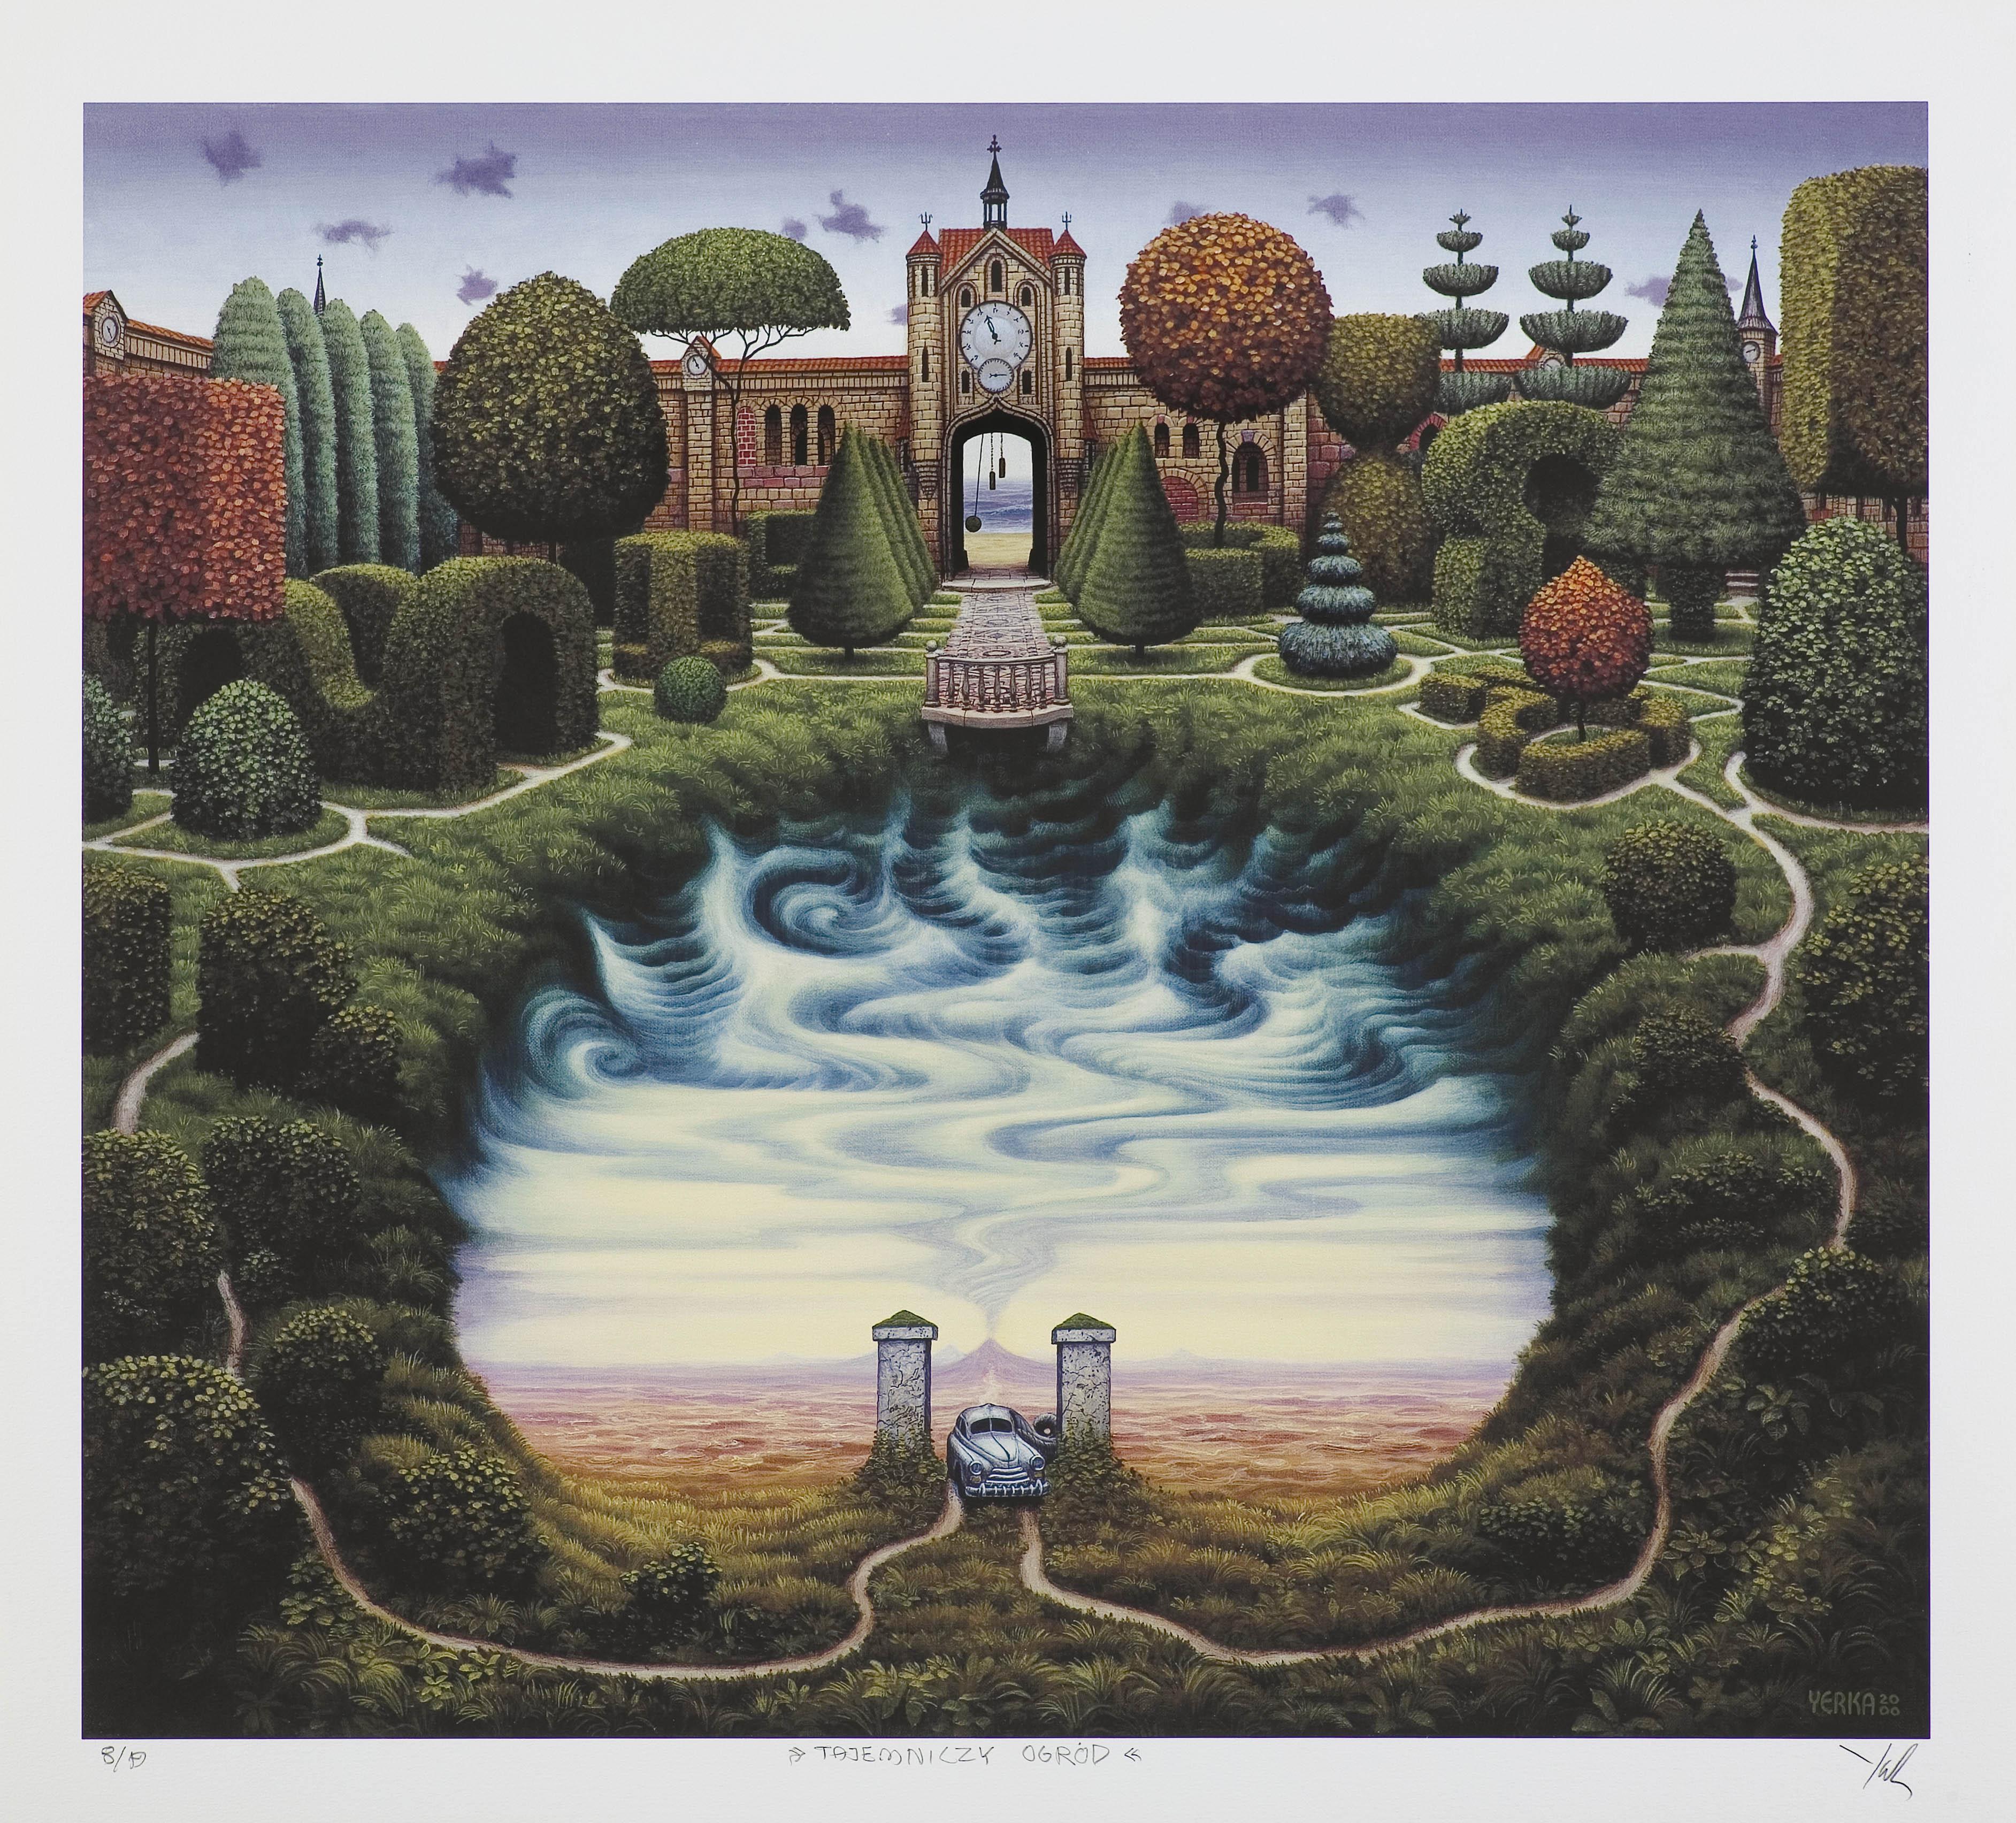 Tajemniczy ogród, 2000